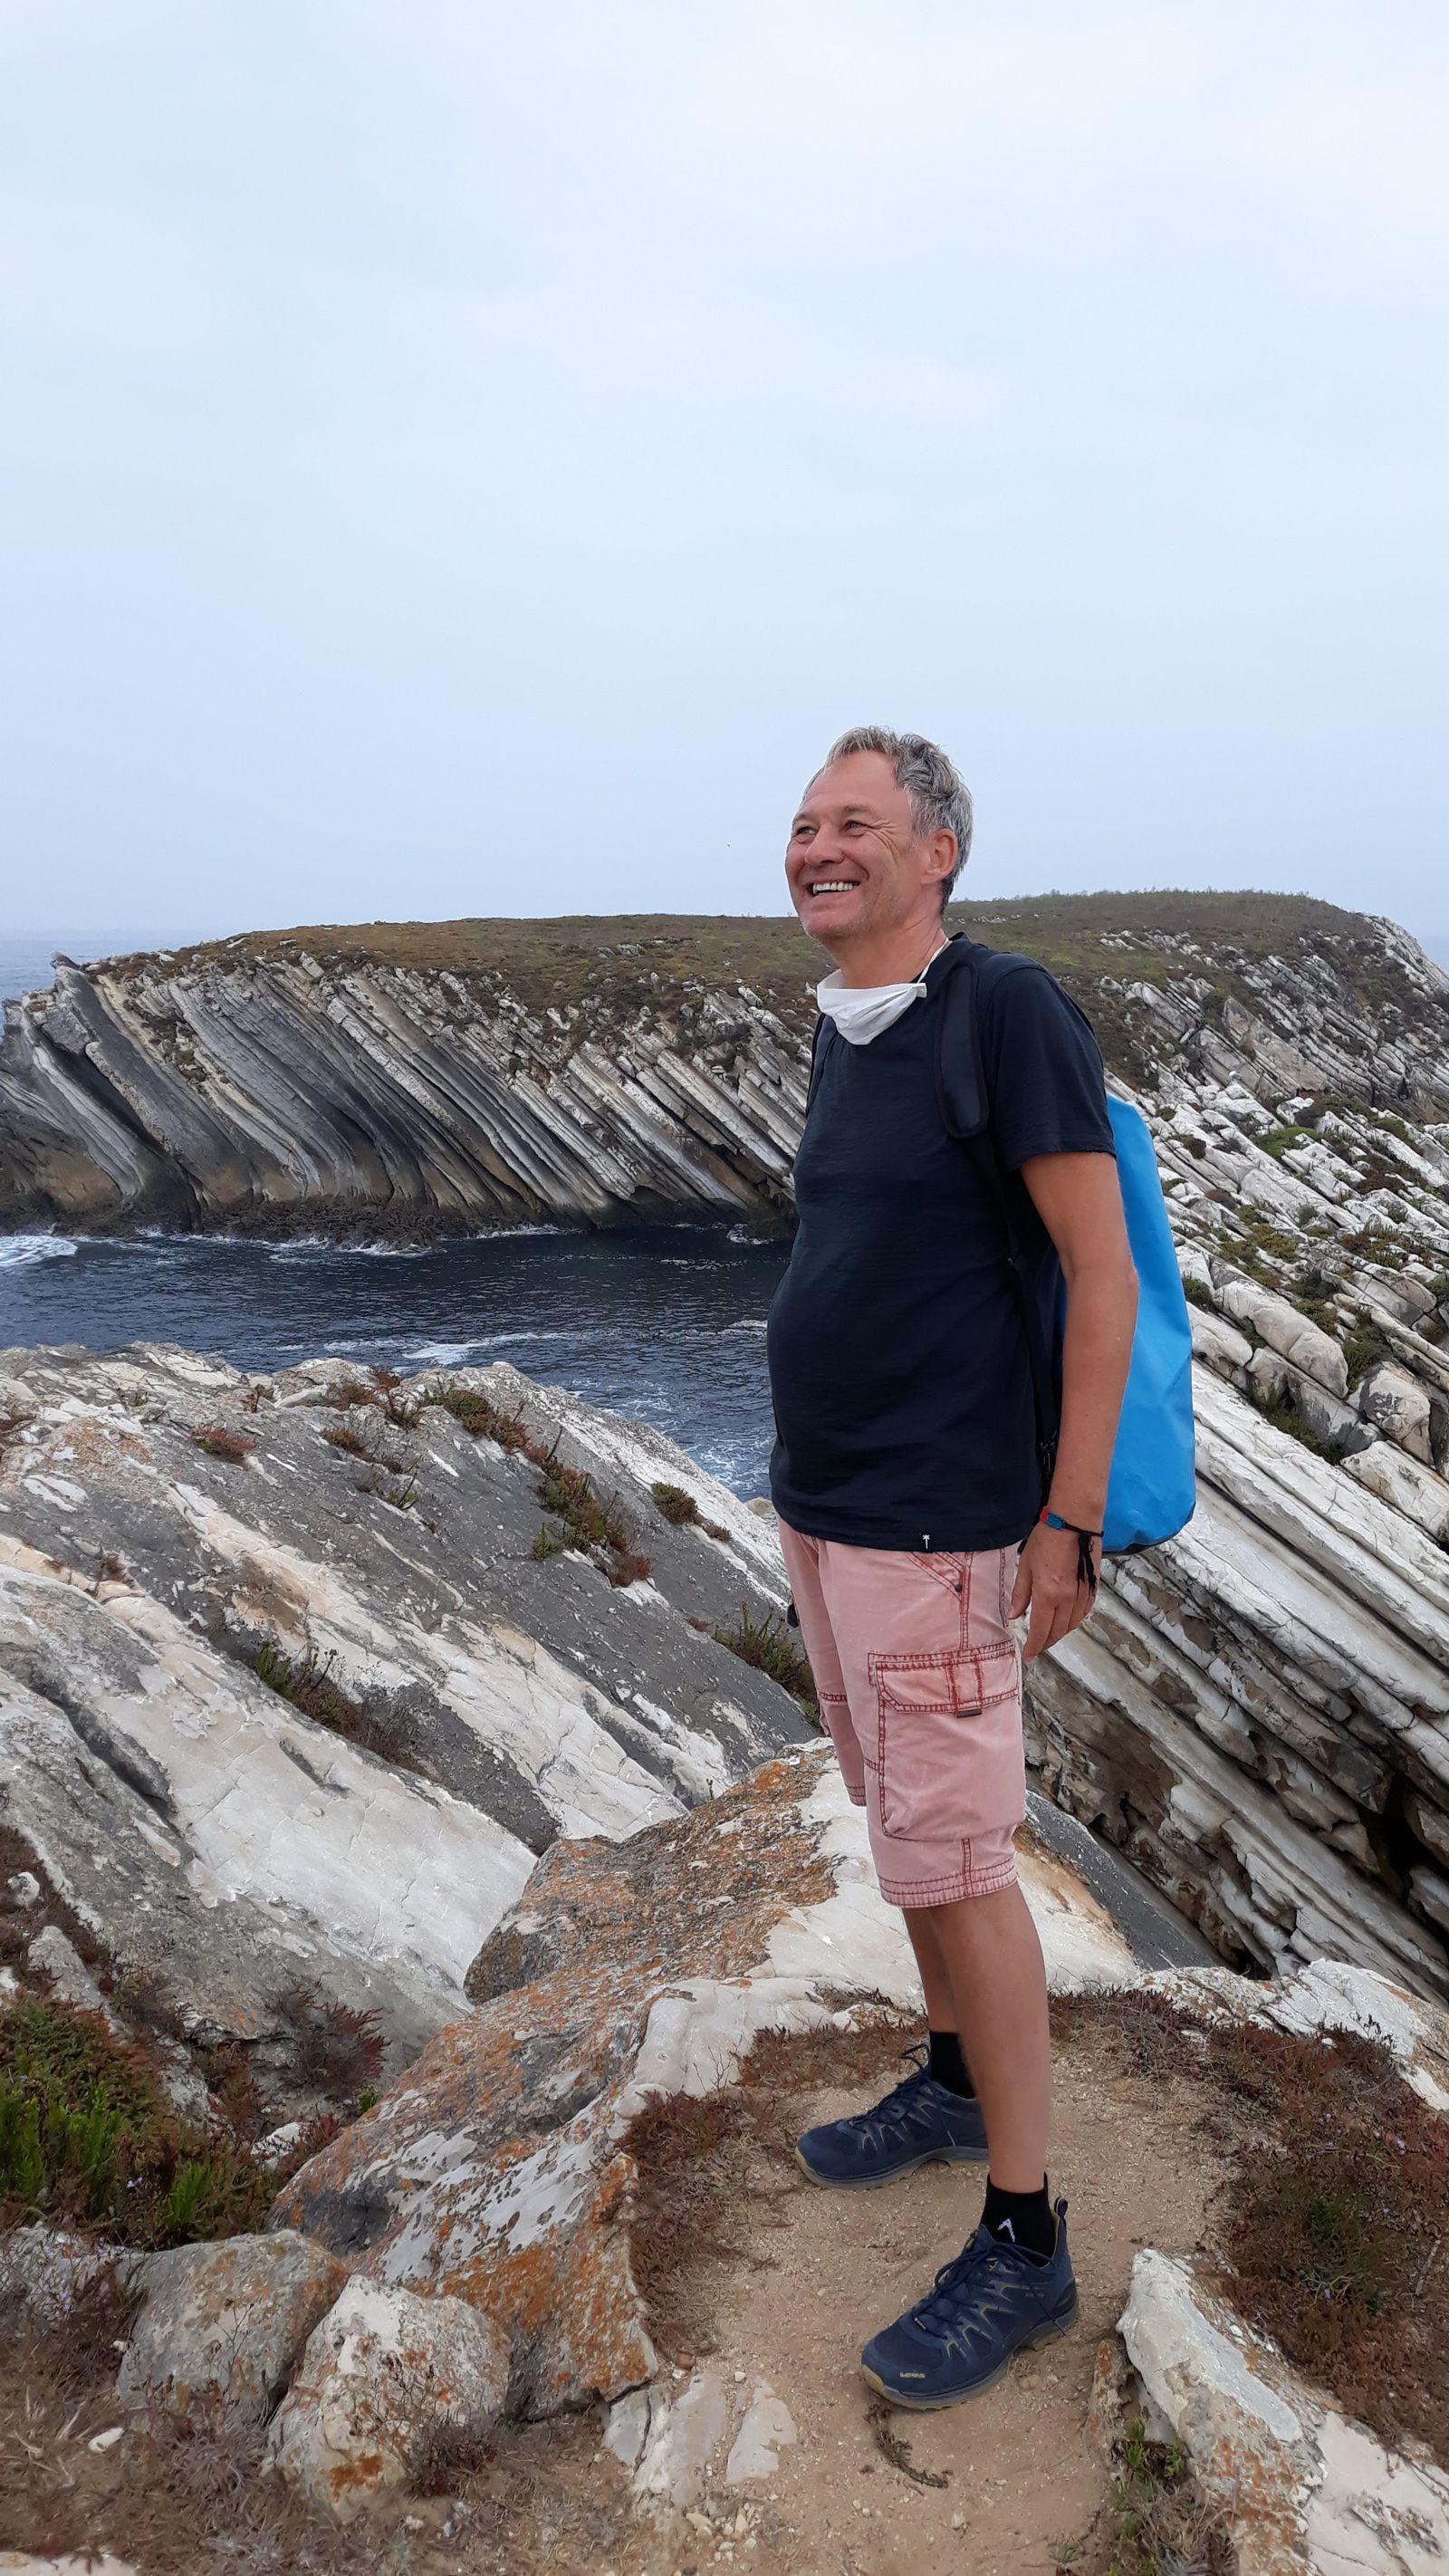 Bei den Klippen von Baleal, Portugal